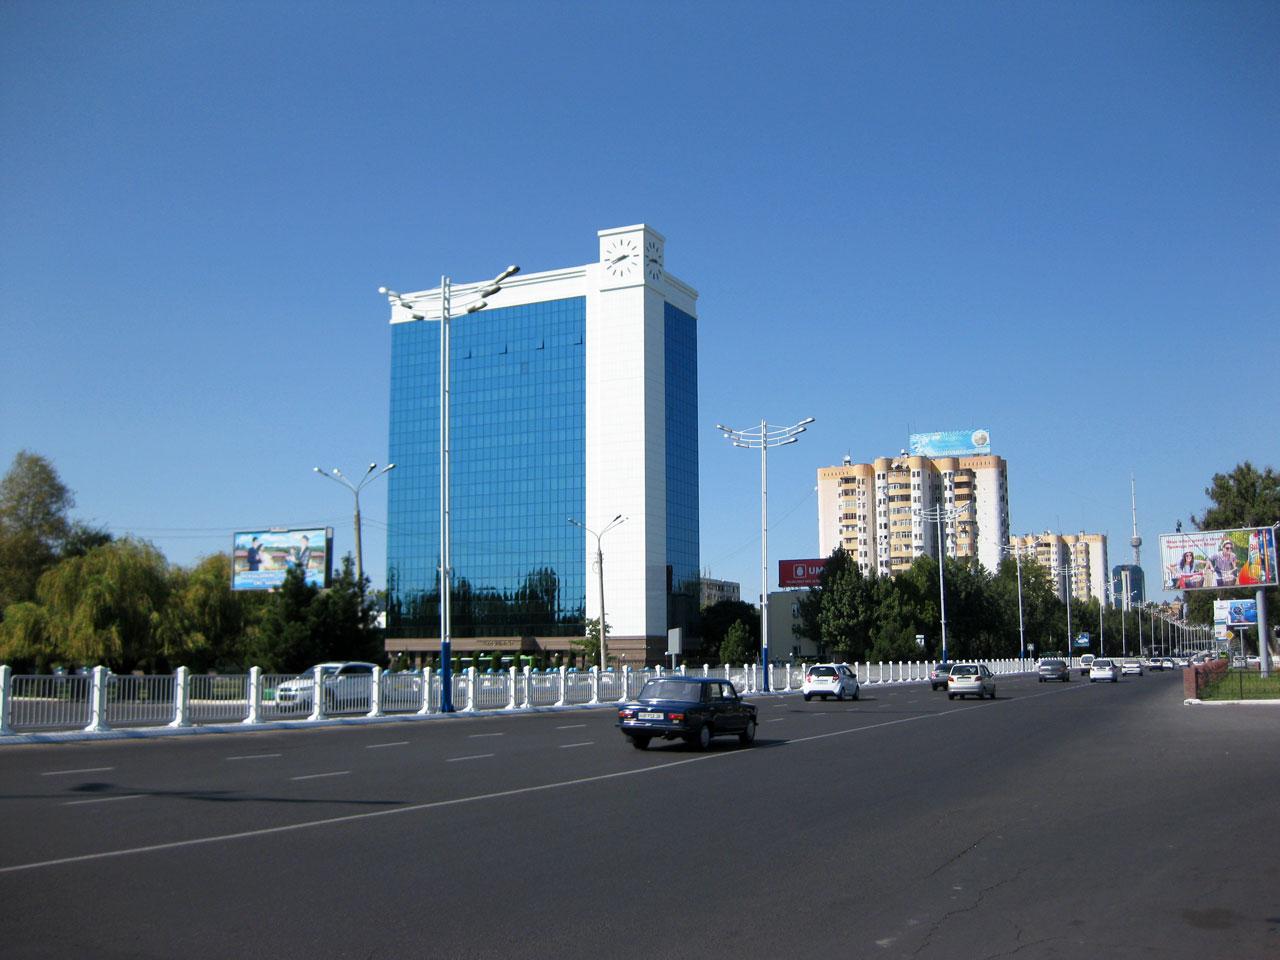 Amir Timur street, Tashkent